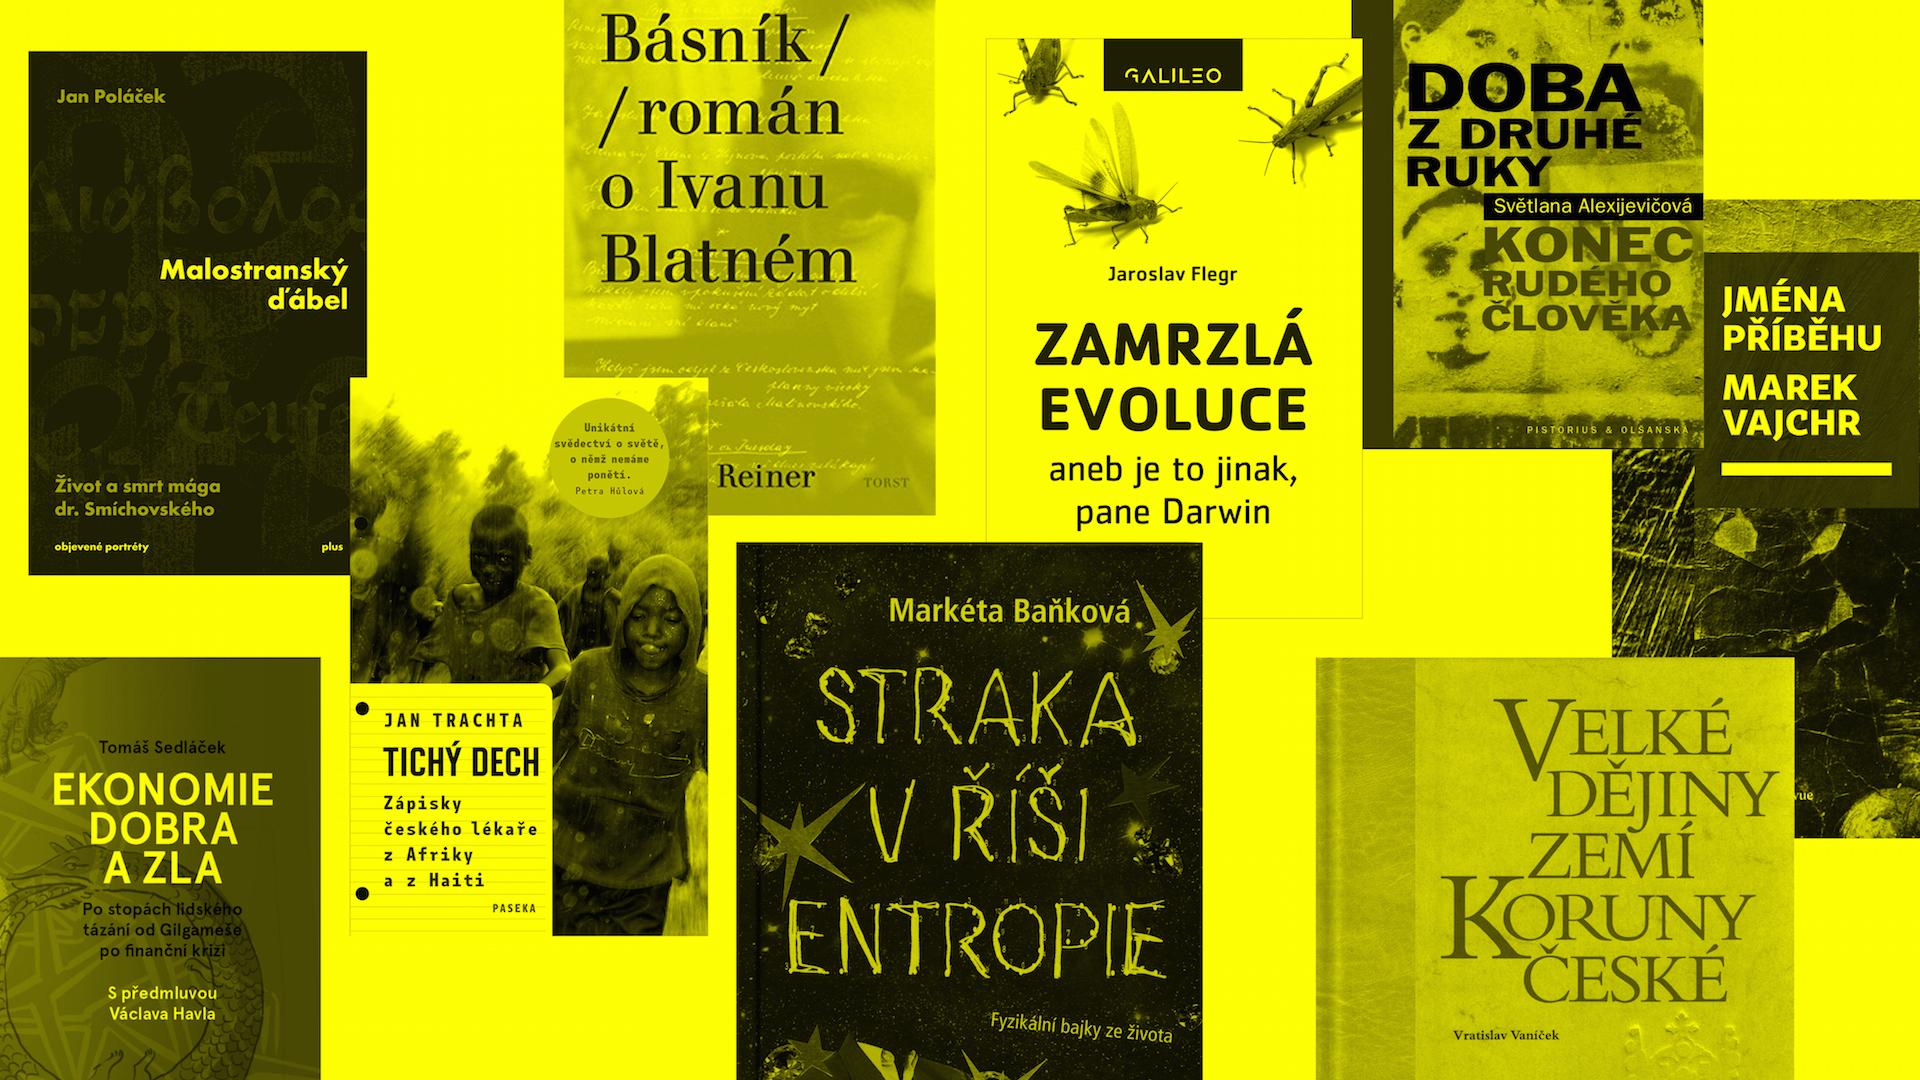 74d816328 Česká scéna non-fiction knih: kondice, slabiny, výhledy   CzechLit